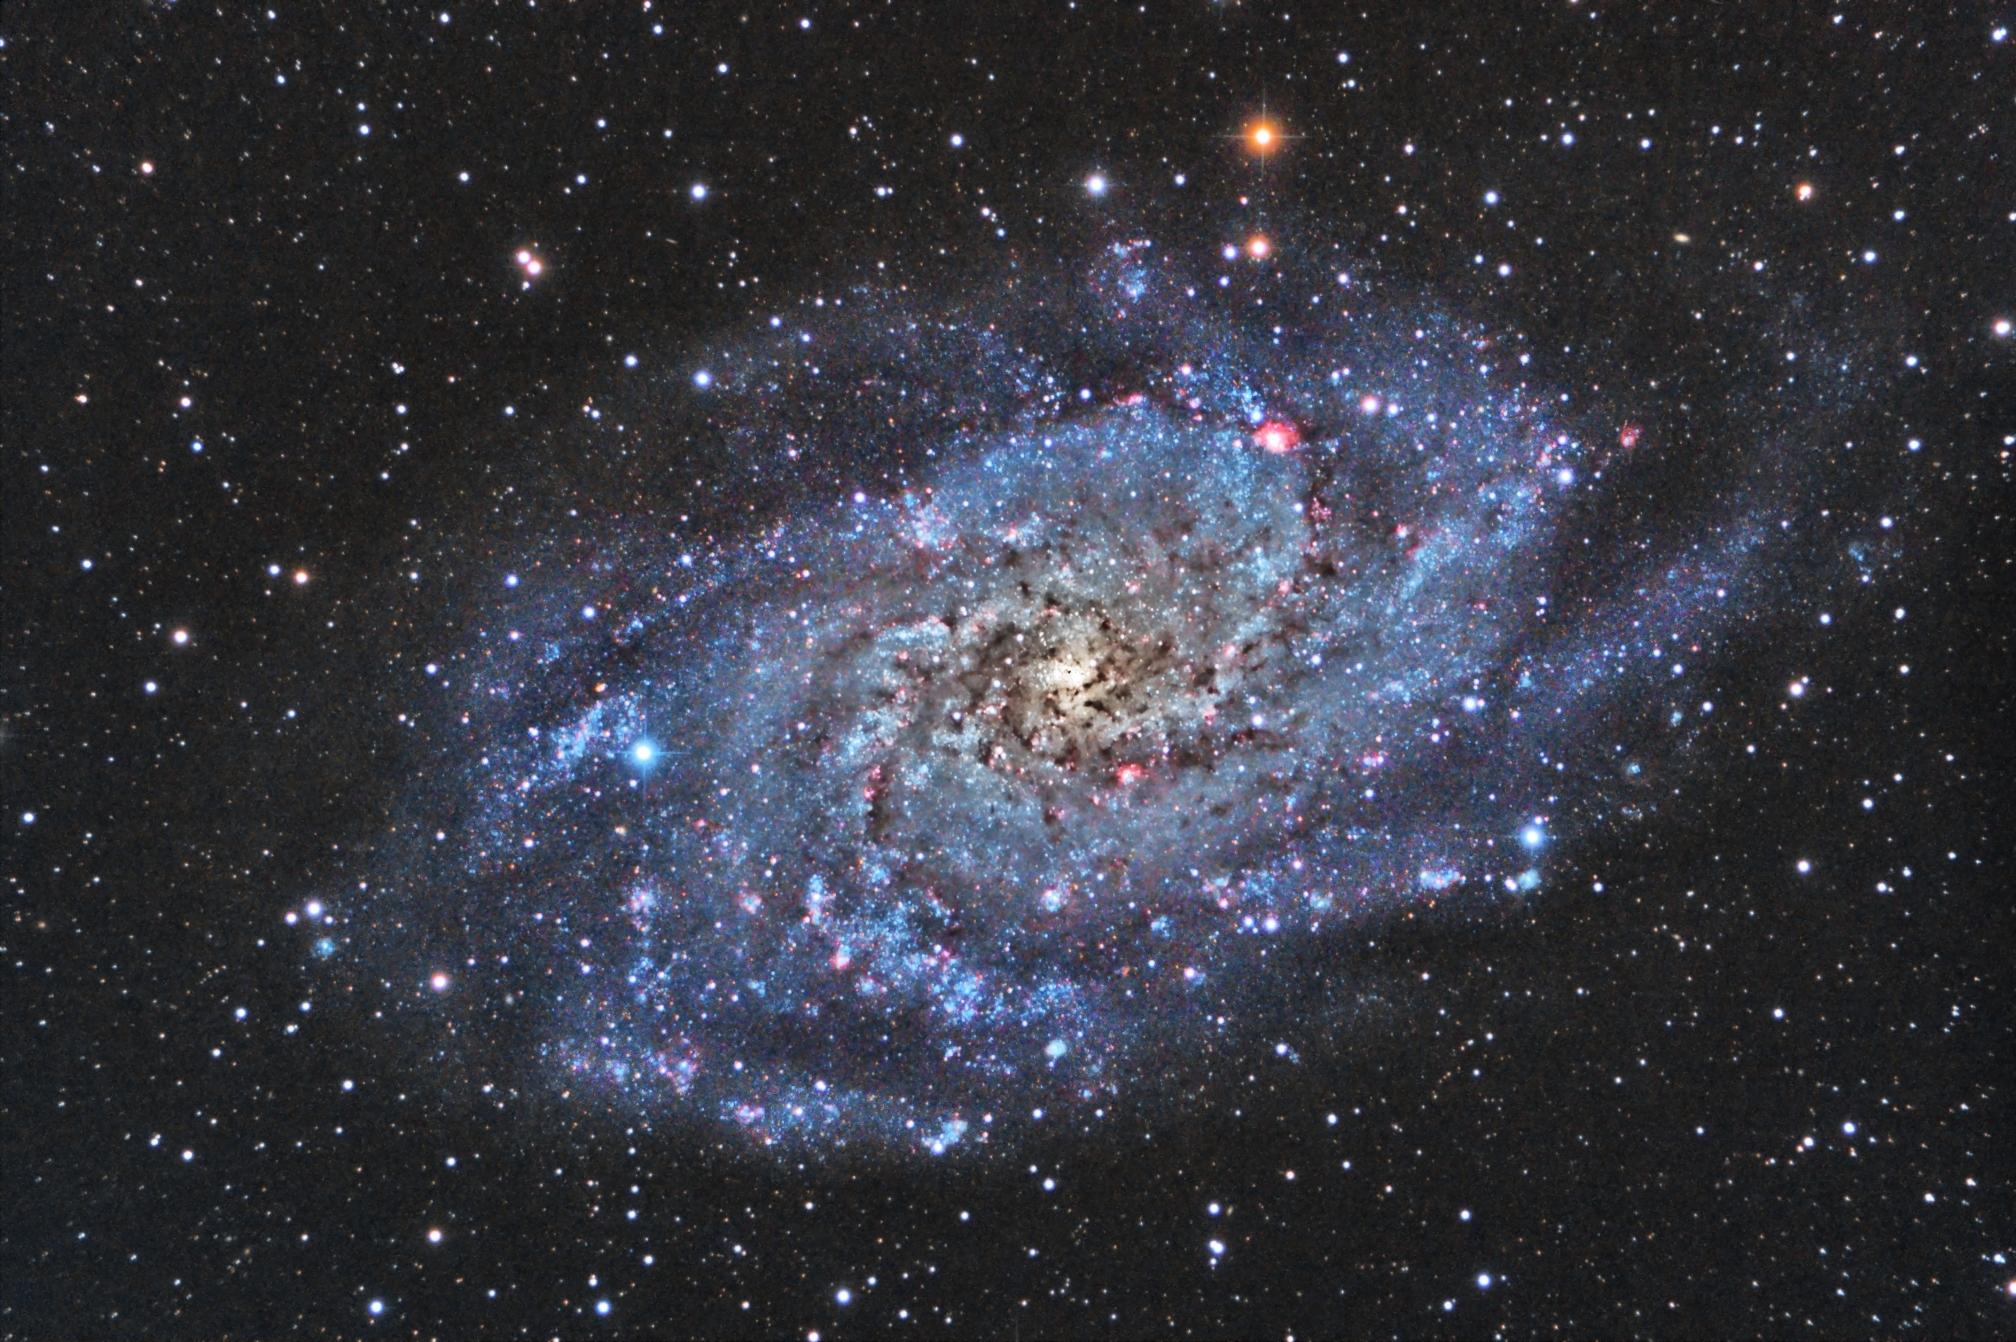 Galassia m33 foto galassie associazione astronomica for Foto galassie hd